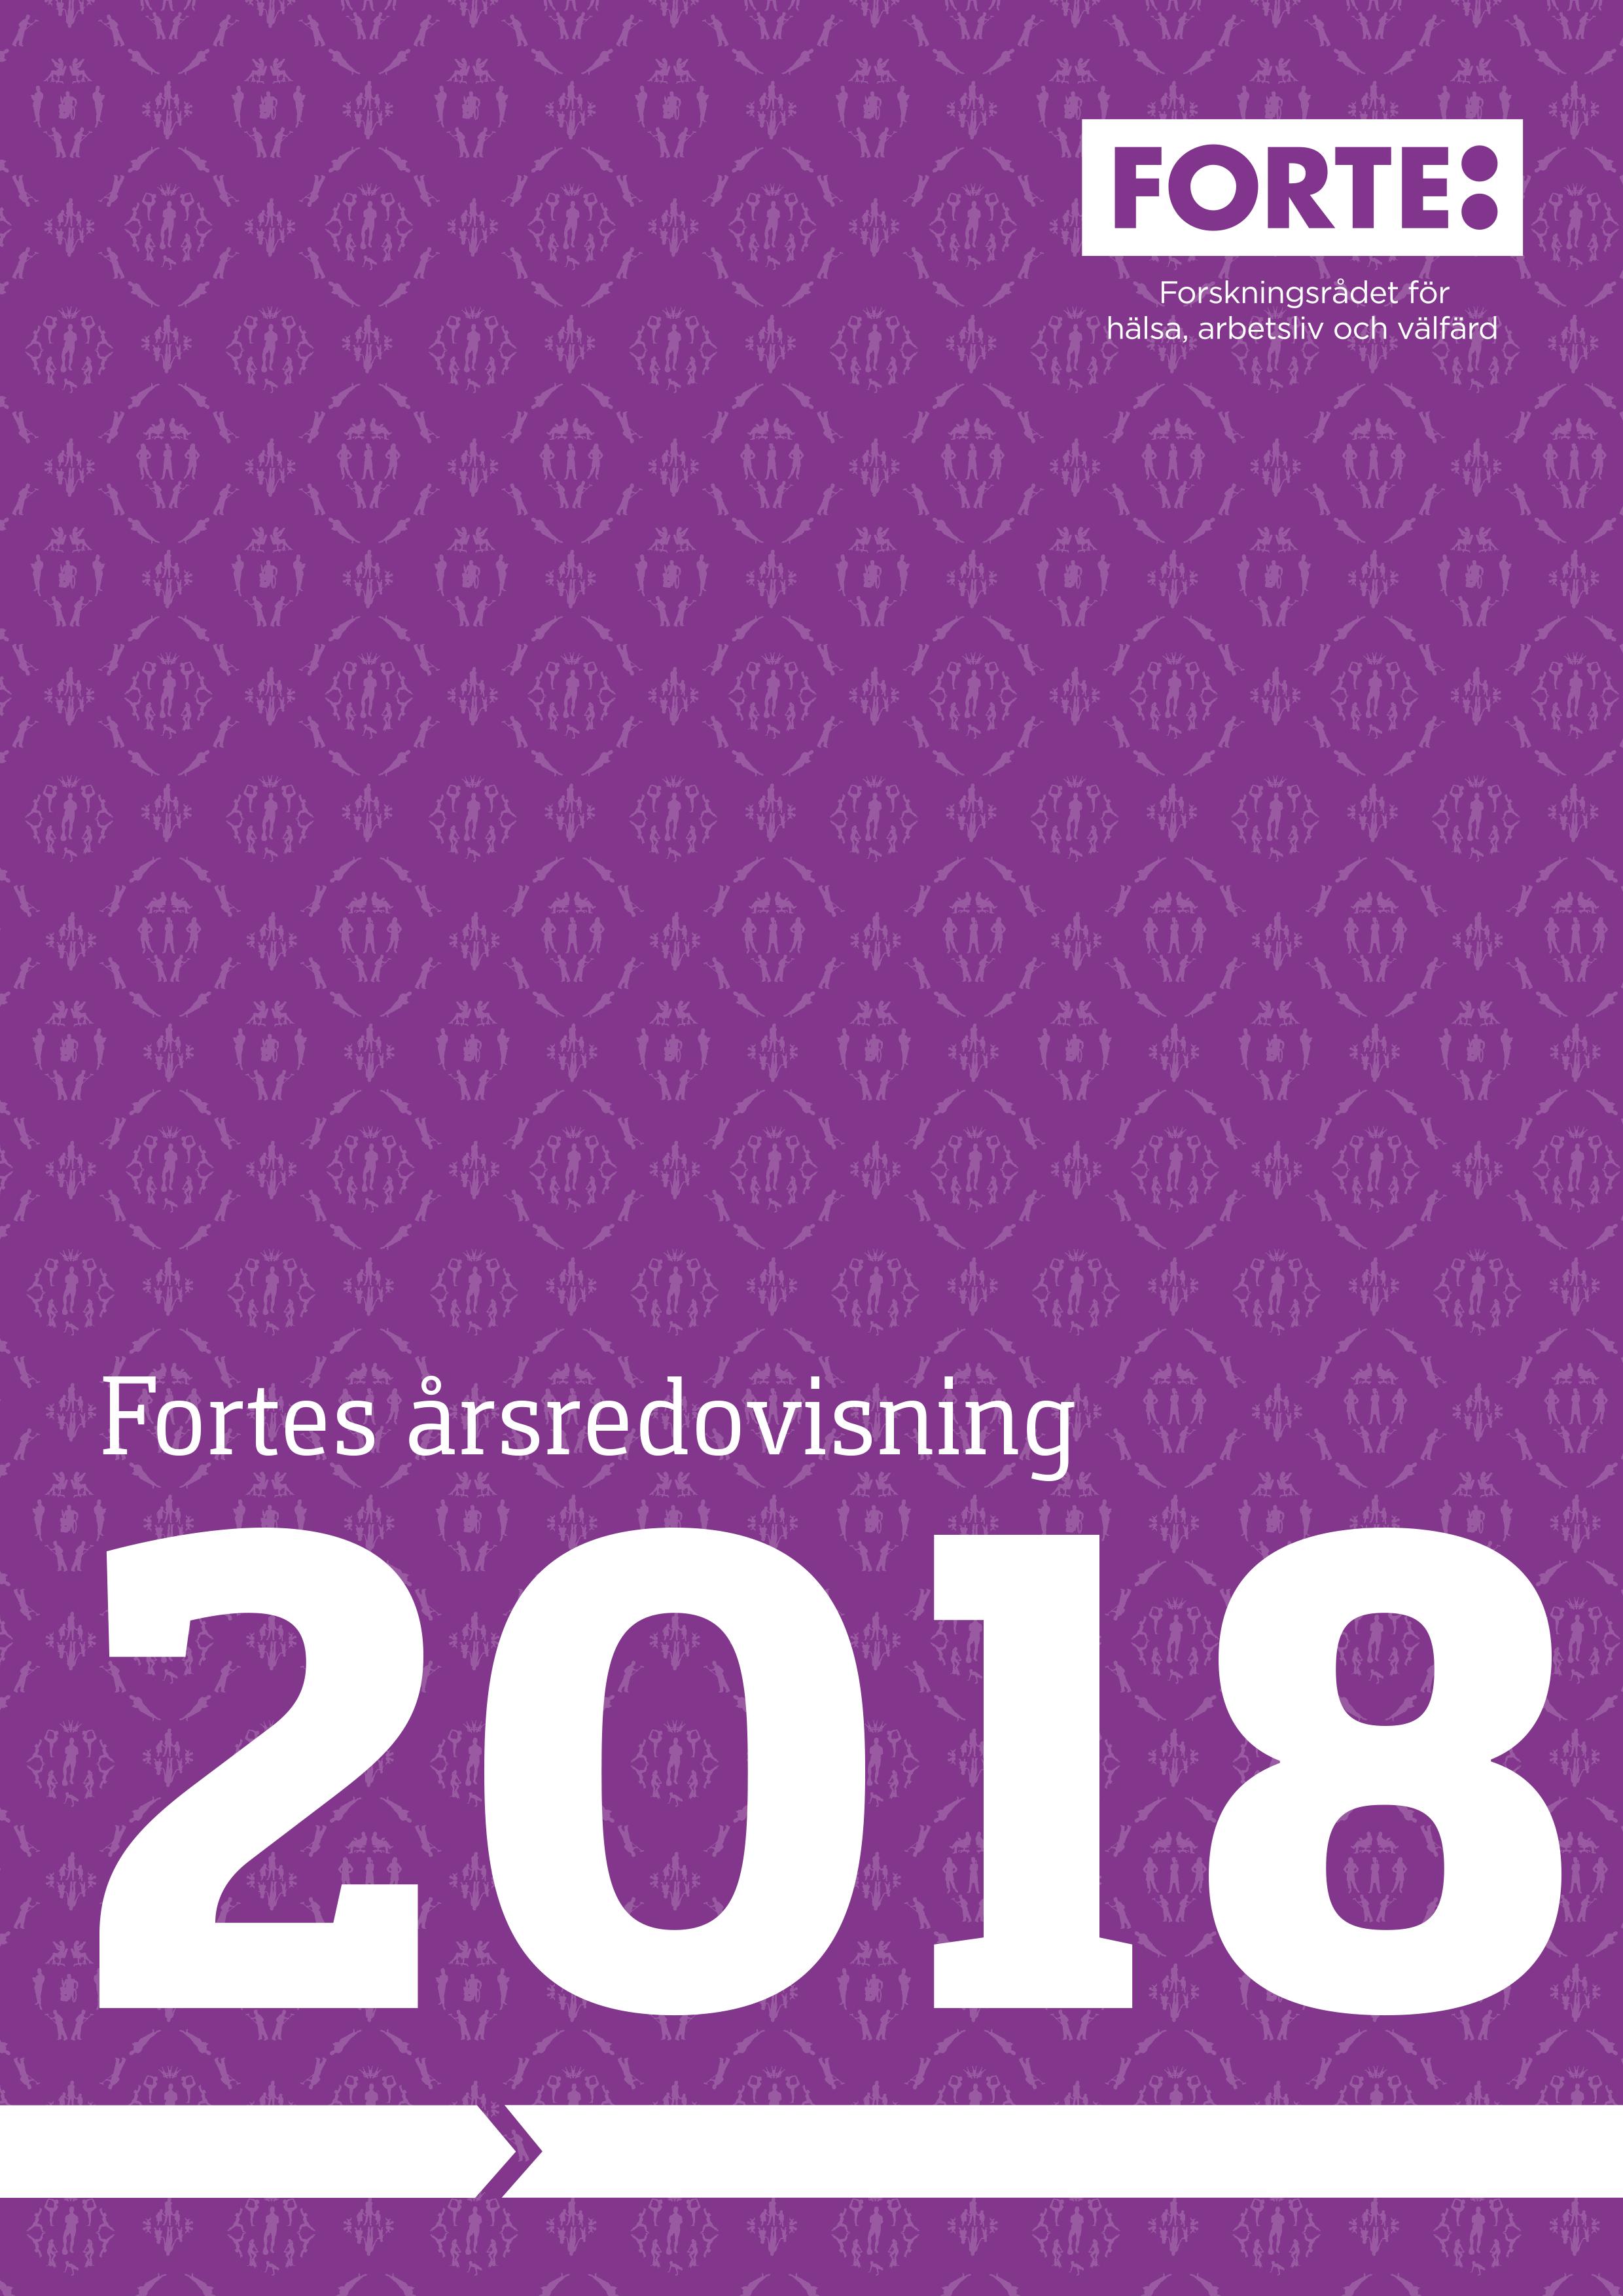 Fortes årsredovisning 2018